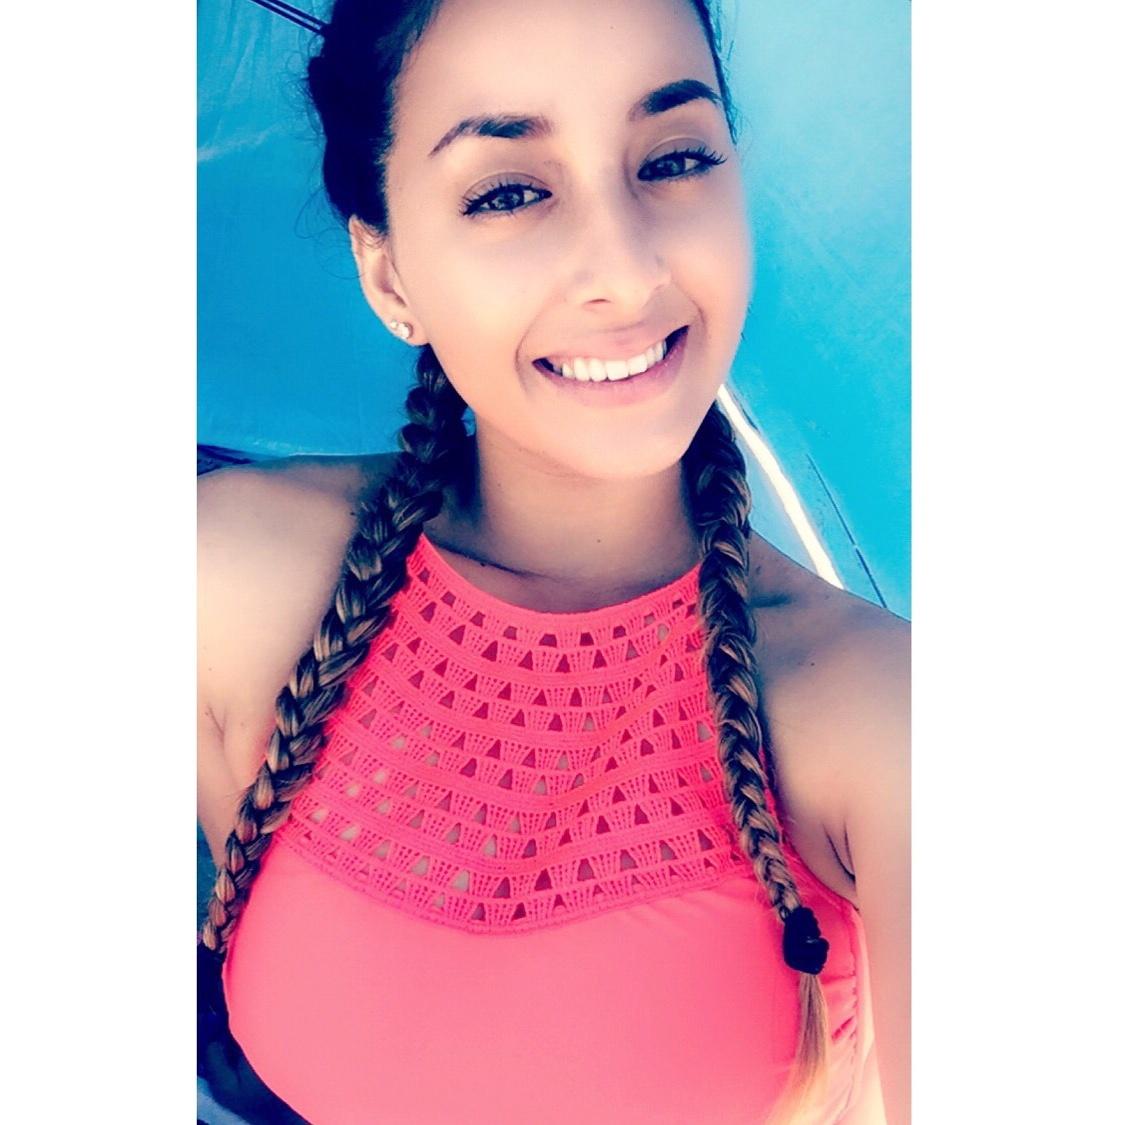 Brianna Medellin